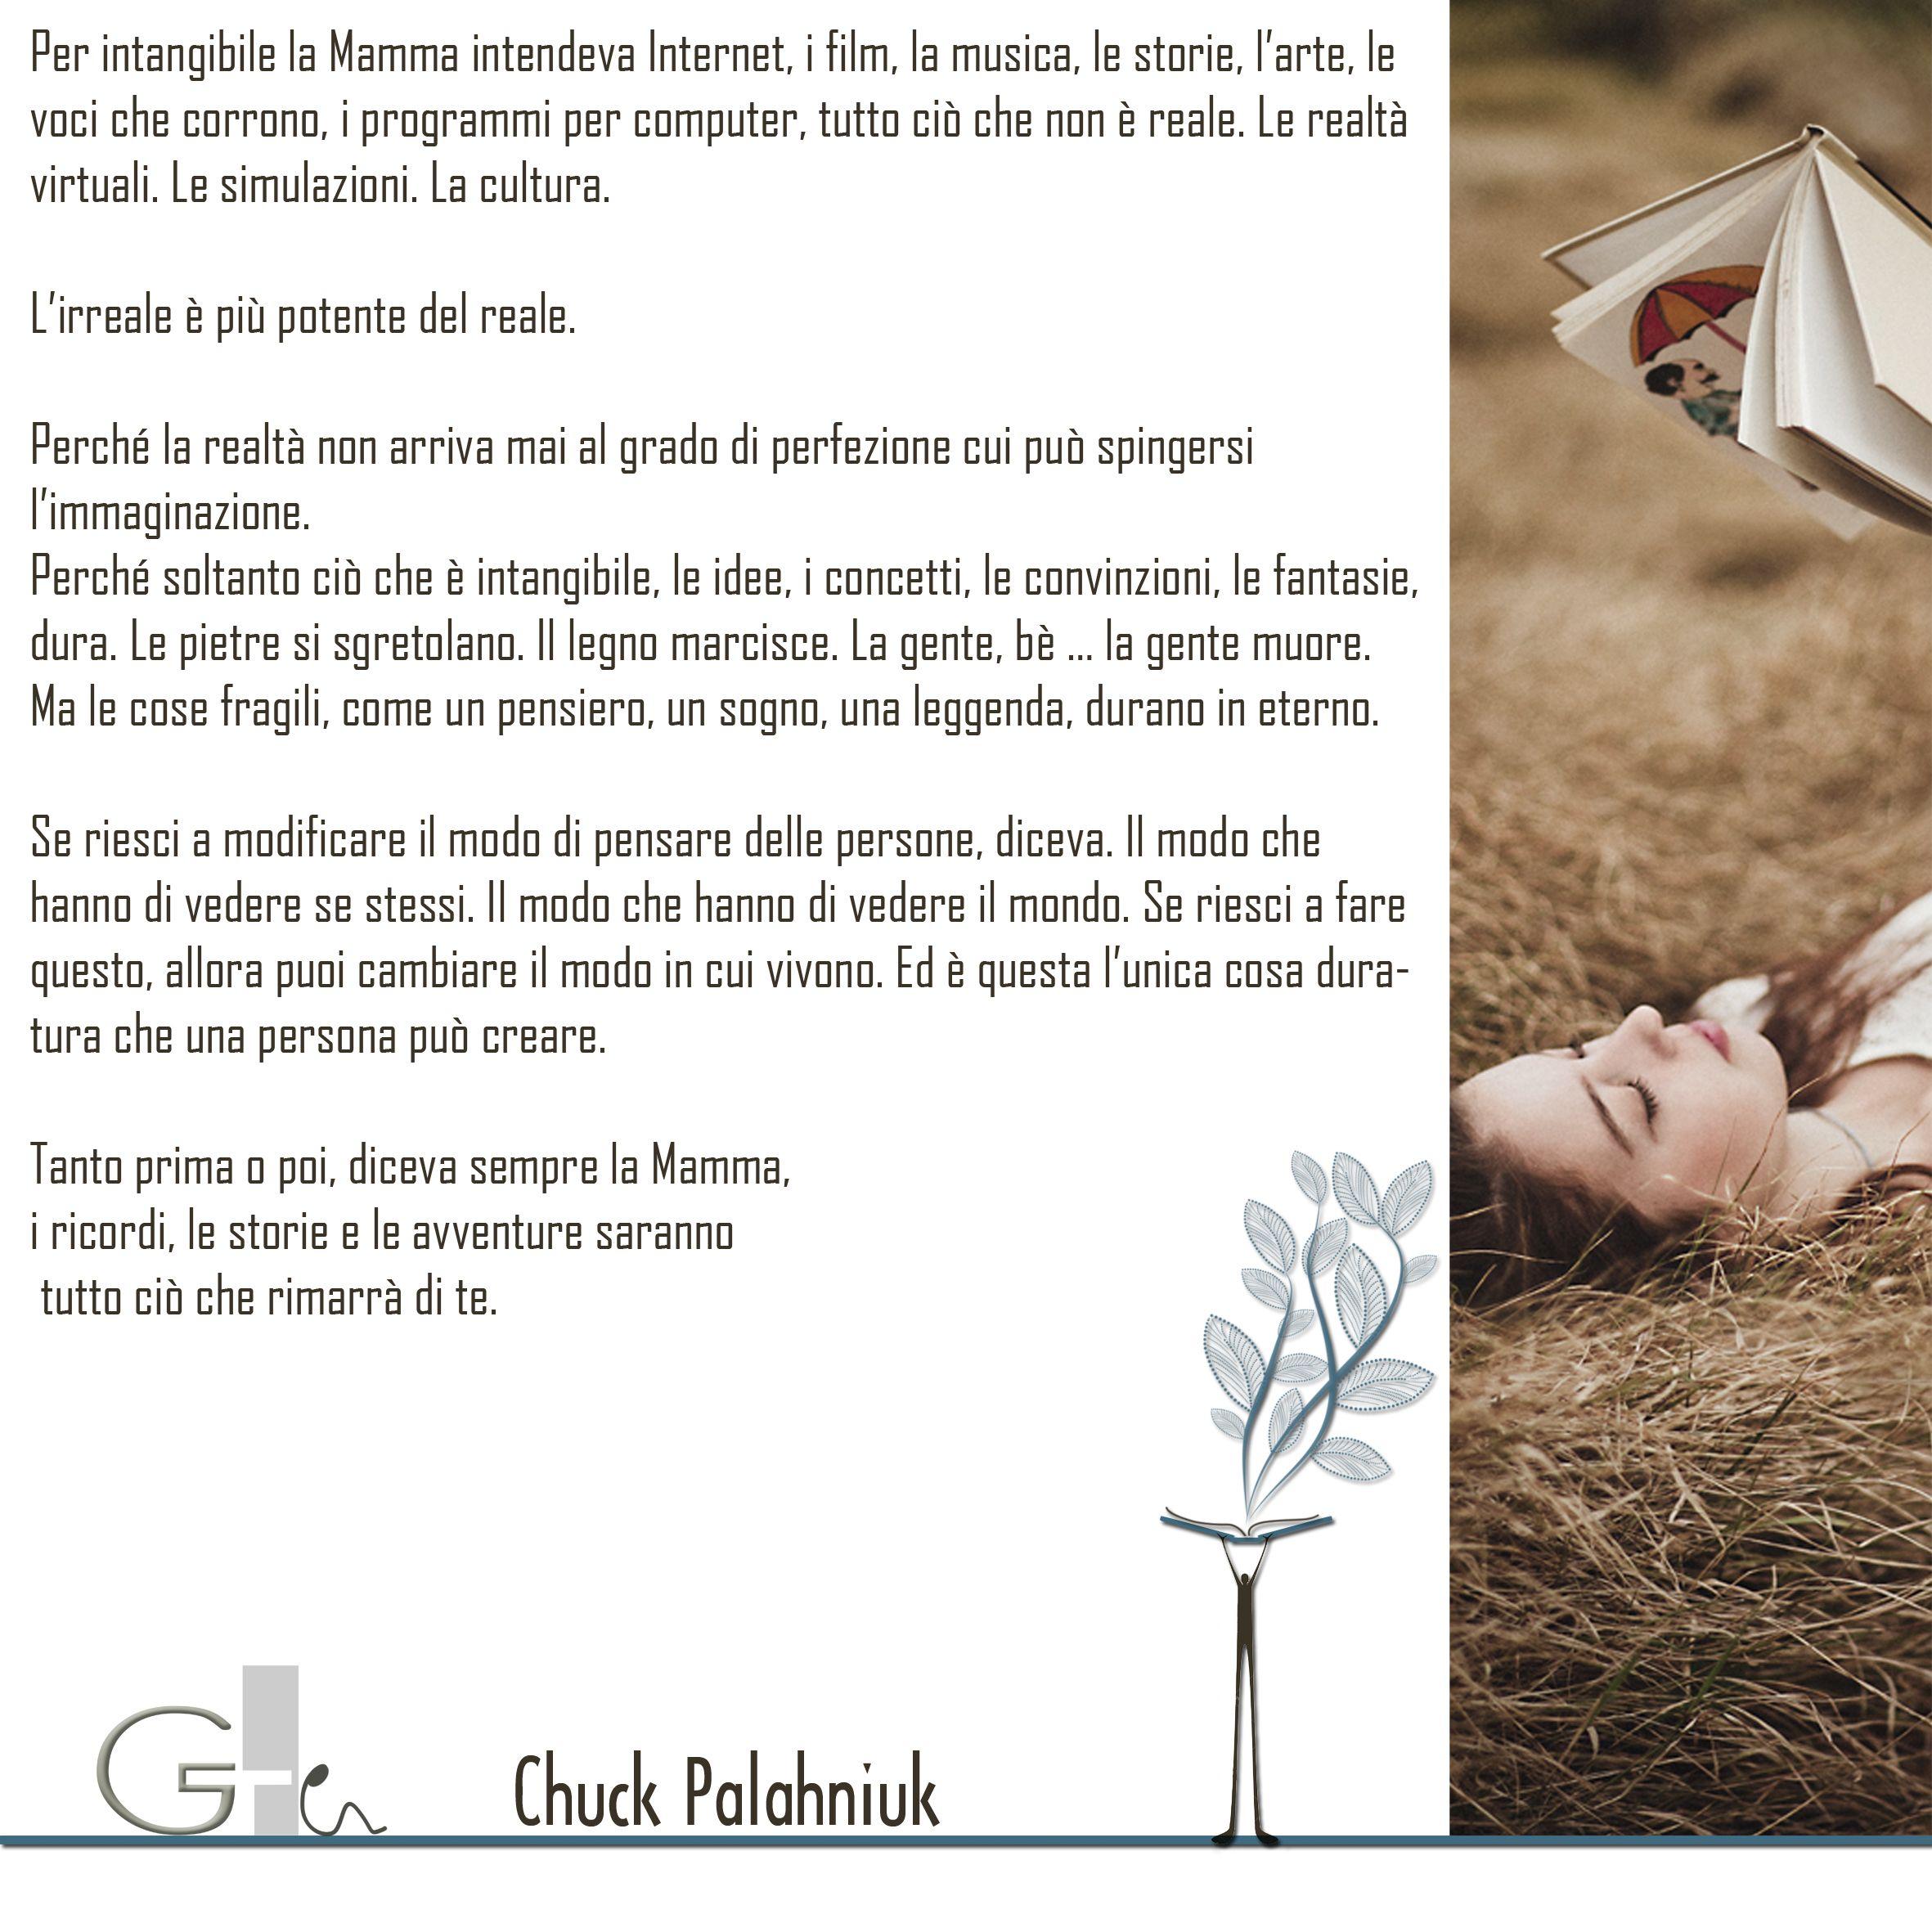 #citazioni: Chuck Palahniuk | #book #reading #quote | @G a i a T e l e s c a | GAIA TELESCA |